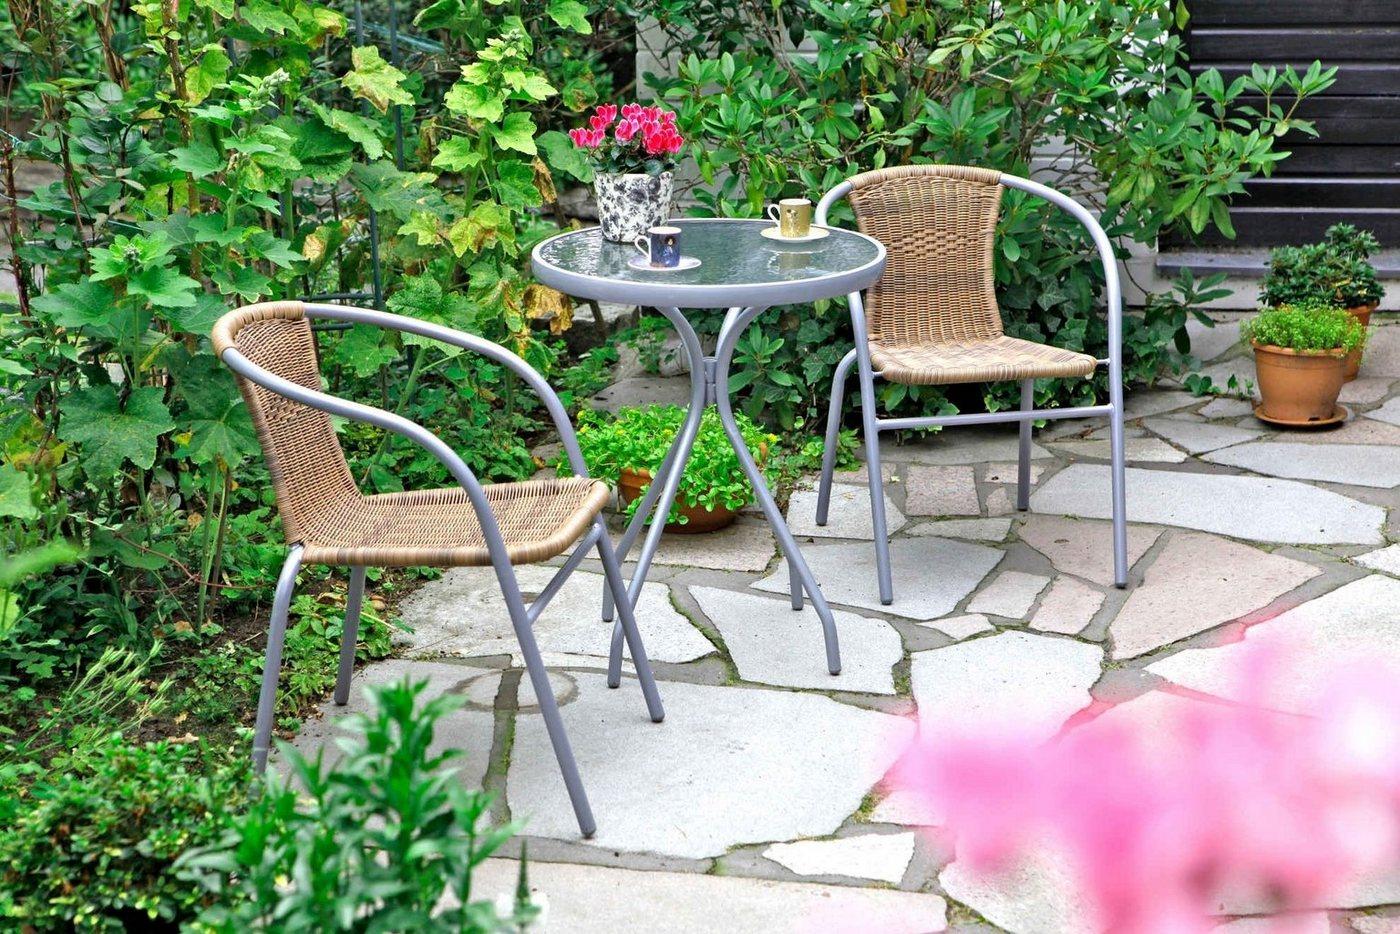 Tuinmeubelset Alassio, 3 dlg., 2 stoelen, tafelØ60 cm, poly-rotan, staal